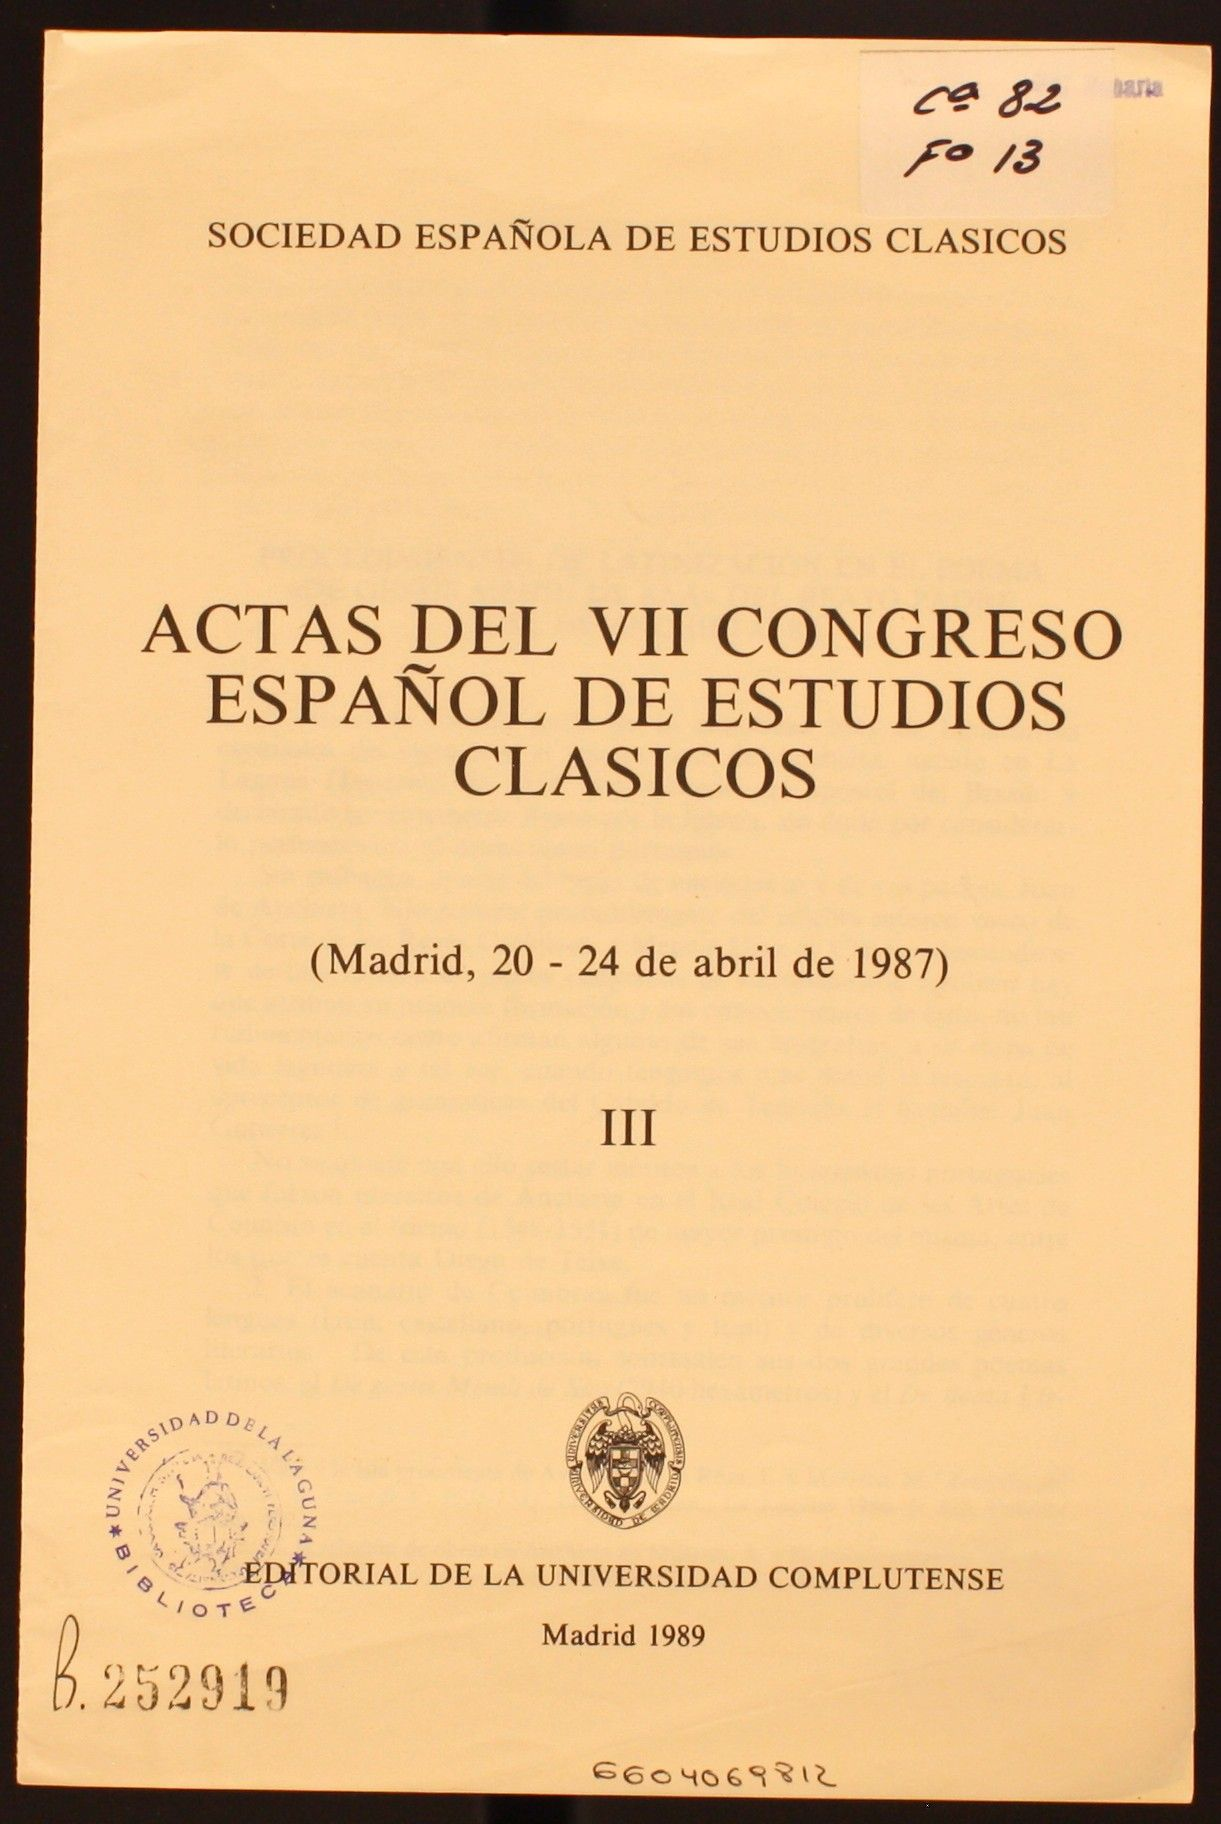 """Procedimientos de latinización en el poema """" de gestis mendi de saa"""" del Beato Padre José de Anchieta, S.I. / Francisco González Luis. 1989 http://absysnetweb.bbtk.ull.es/cgi-bin/abnetopac01?TITN=145311"""